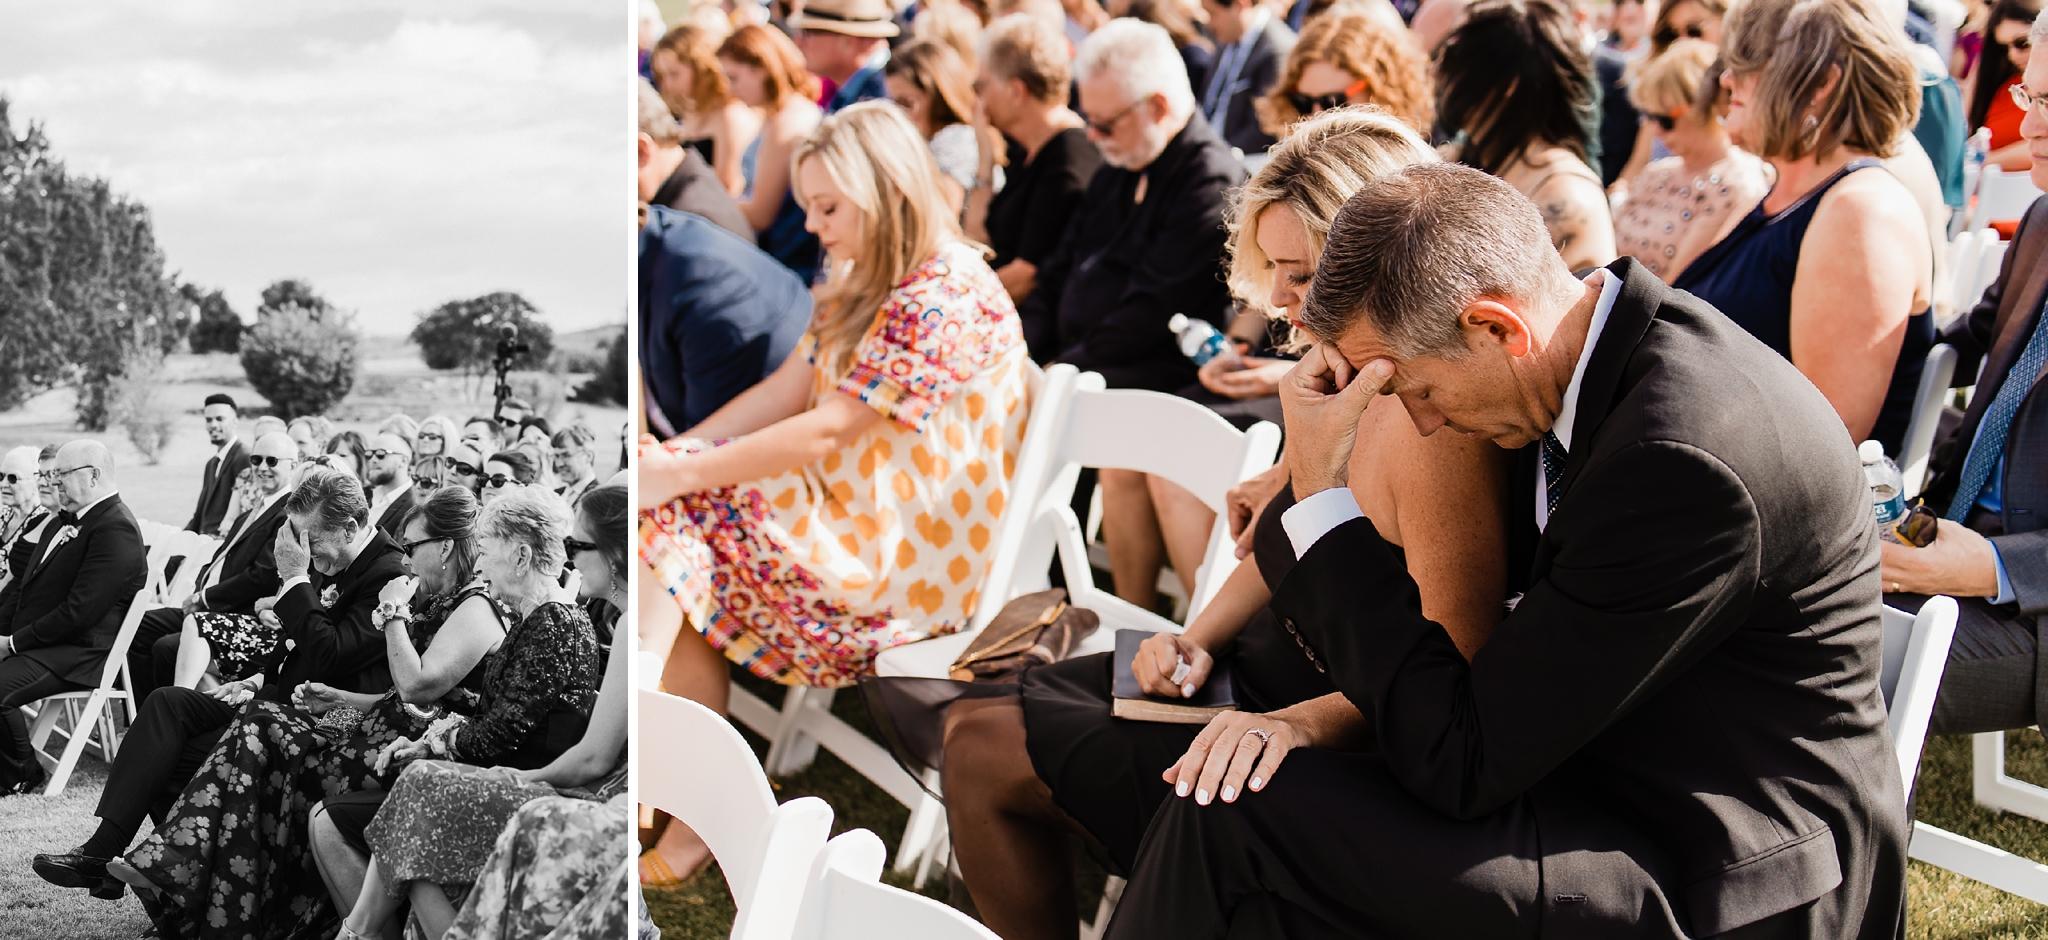 Alicia+lucia+photography+-+albuquerque+wedding+photographer+-+santa+fe+wedding+photography+-+new+mexico+wedding+photographer+-+new+mexico+wedding+-+las+campanas+wedding+-+santa+fe+wedding+-+maximalist+wedding+-+destination+wedding_0063.jpg